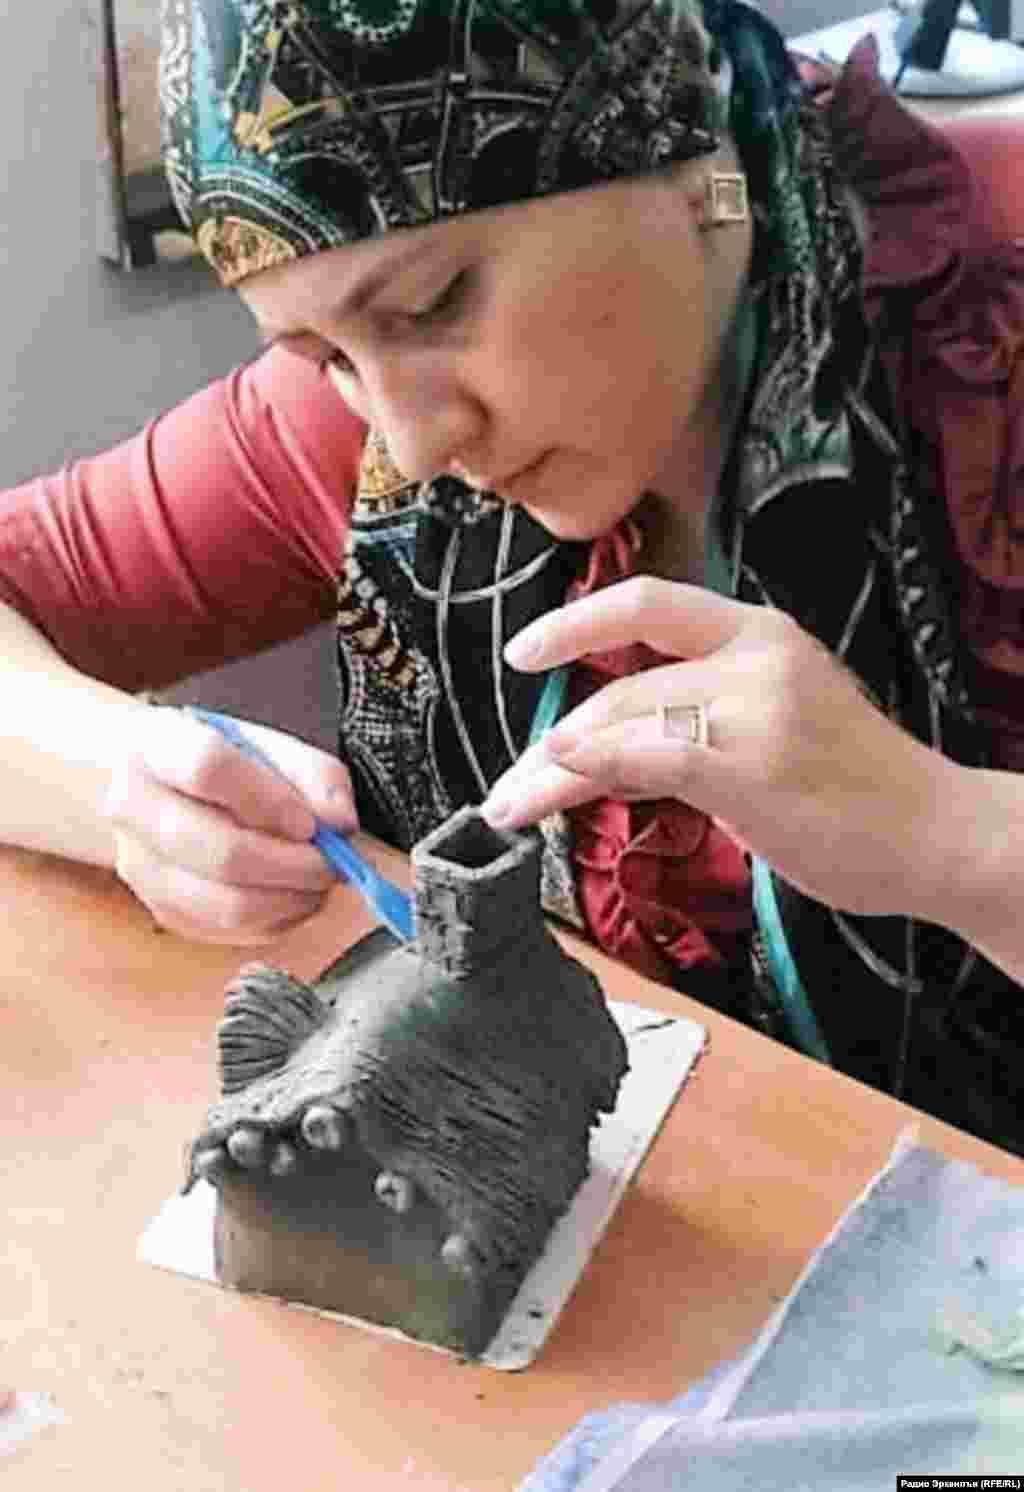 Гончарное дело зародилось в Дагестане еще в шестом тысячелетии до нашей эры. Со временем увлечение керамикой превратилось в народный промысел. Занимались им в основном женщины